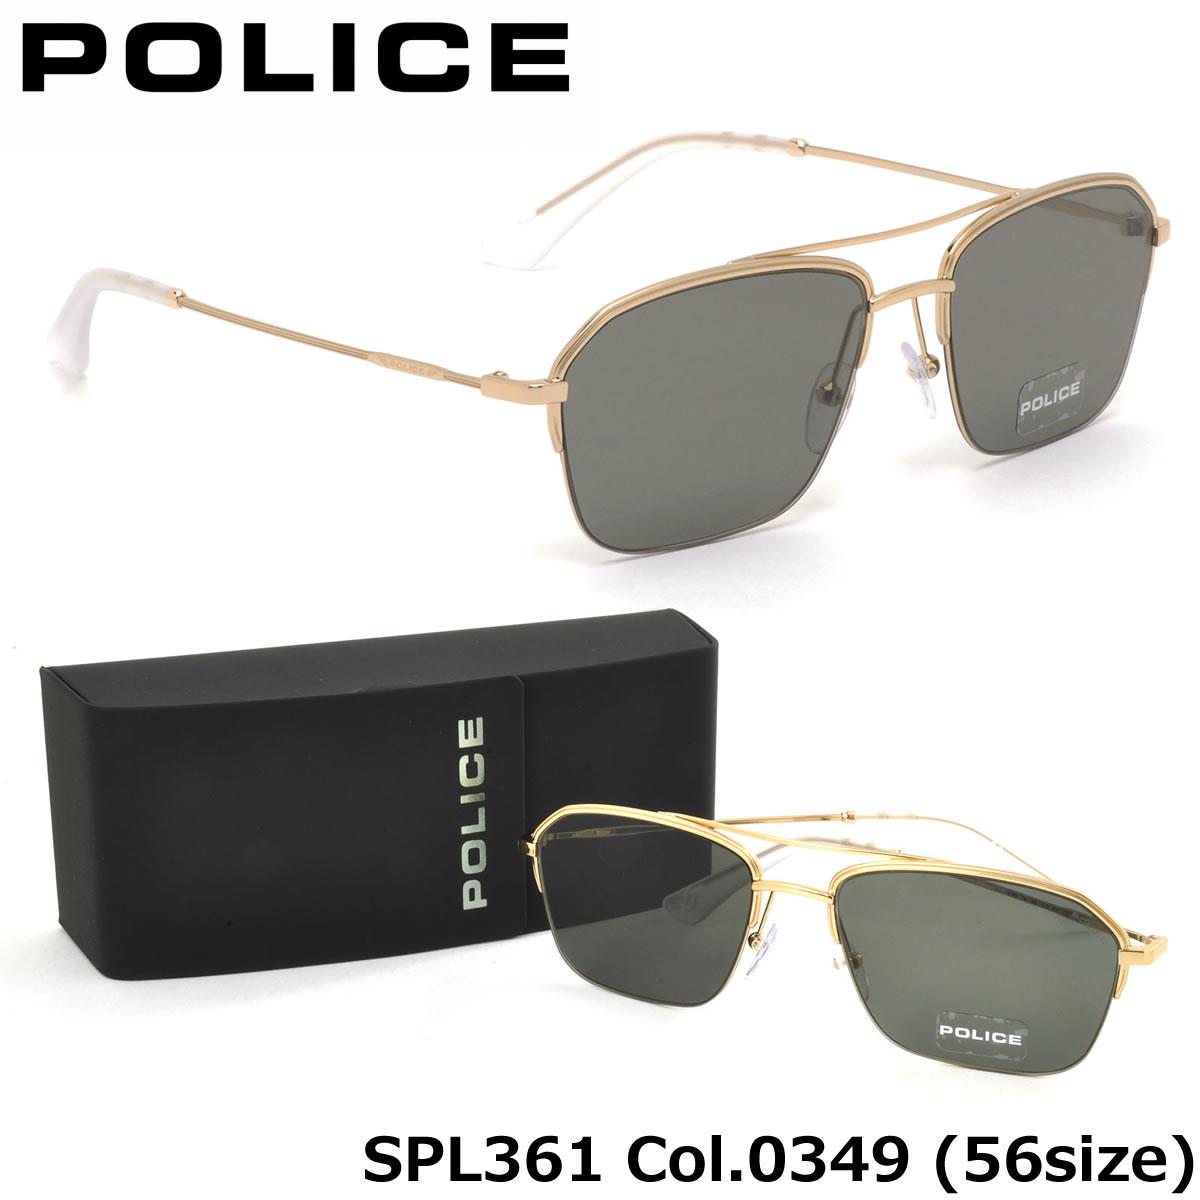 ほぼ全品ポイント15倍~20倍+15倍+2倍 【ポリス】 (POLICE) サングラスSPL361 0349 56サイズHIGHWAYZERO1 フラットレンズ ツーブリッジPOLICE メンズ レディース